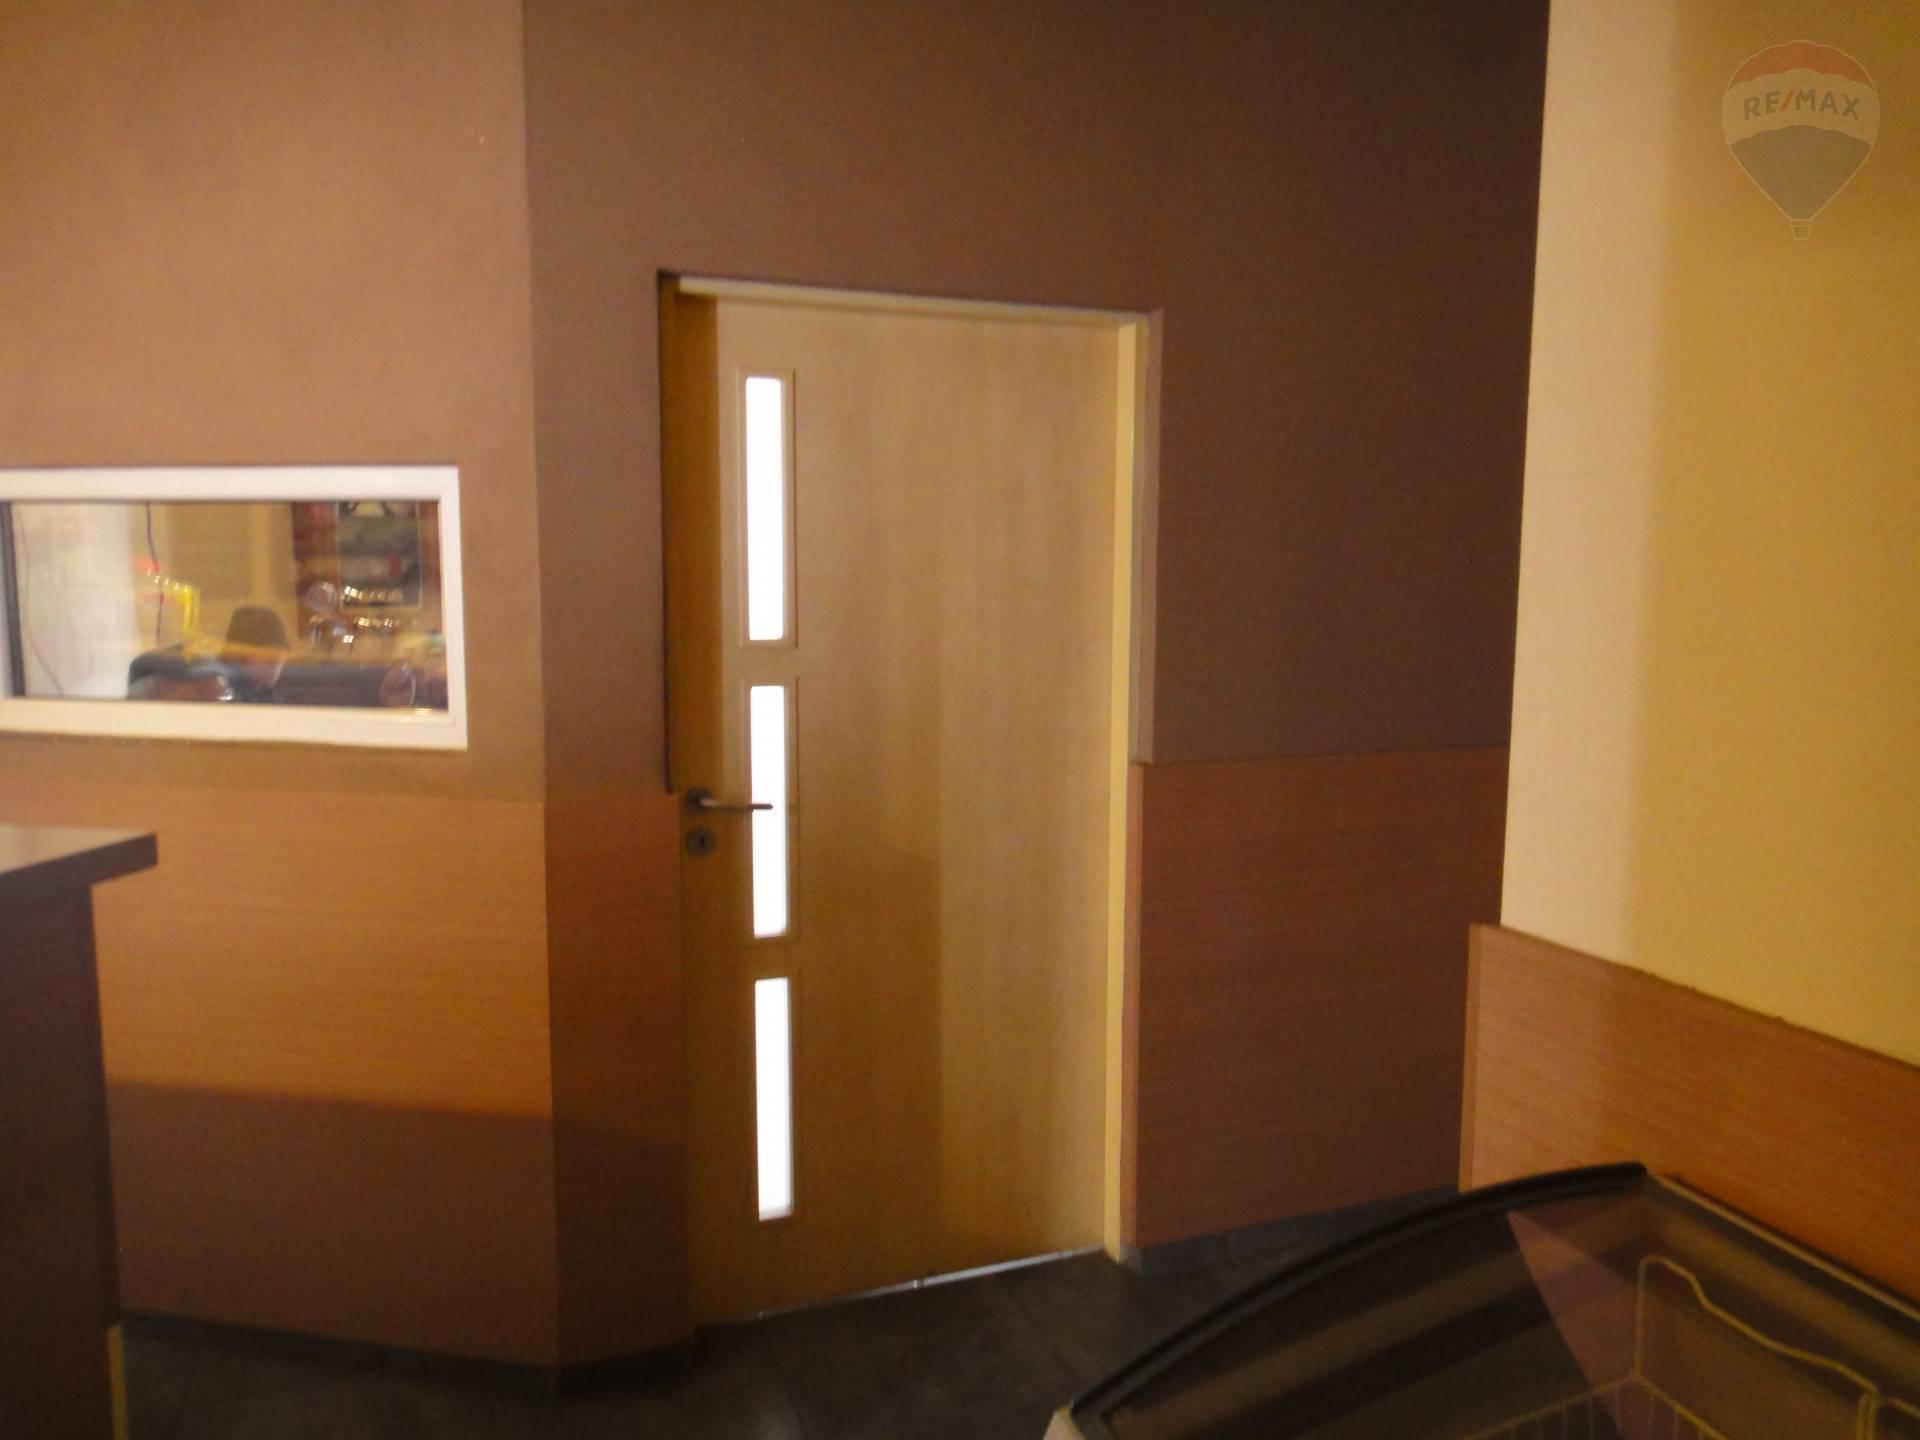 Predaj komerčného priestoru 754 m2, Horný Pial - vstup do fajčiarskej miestnosti